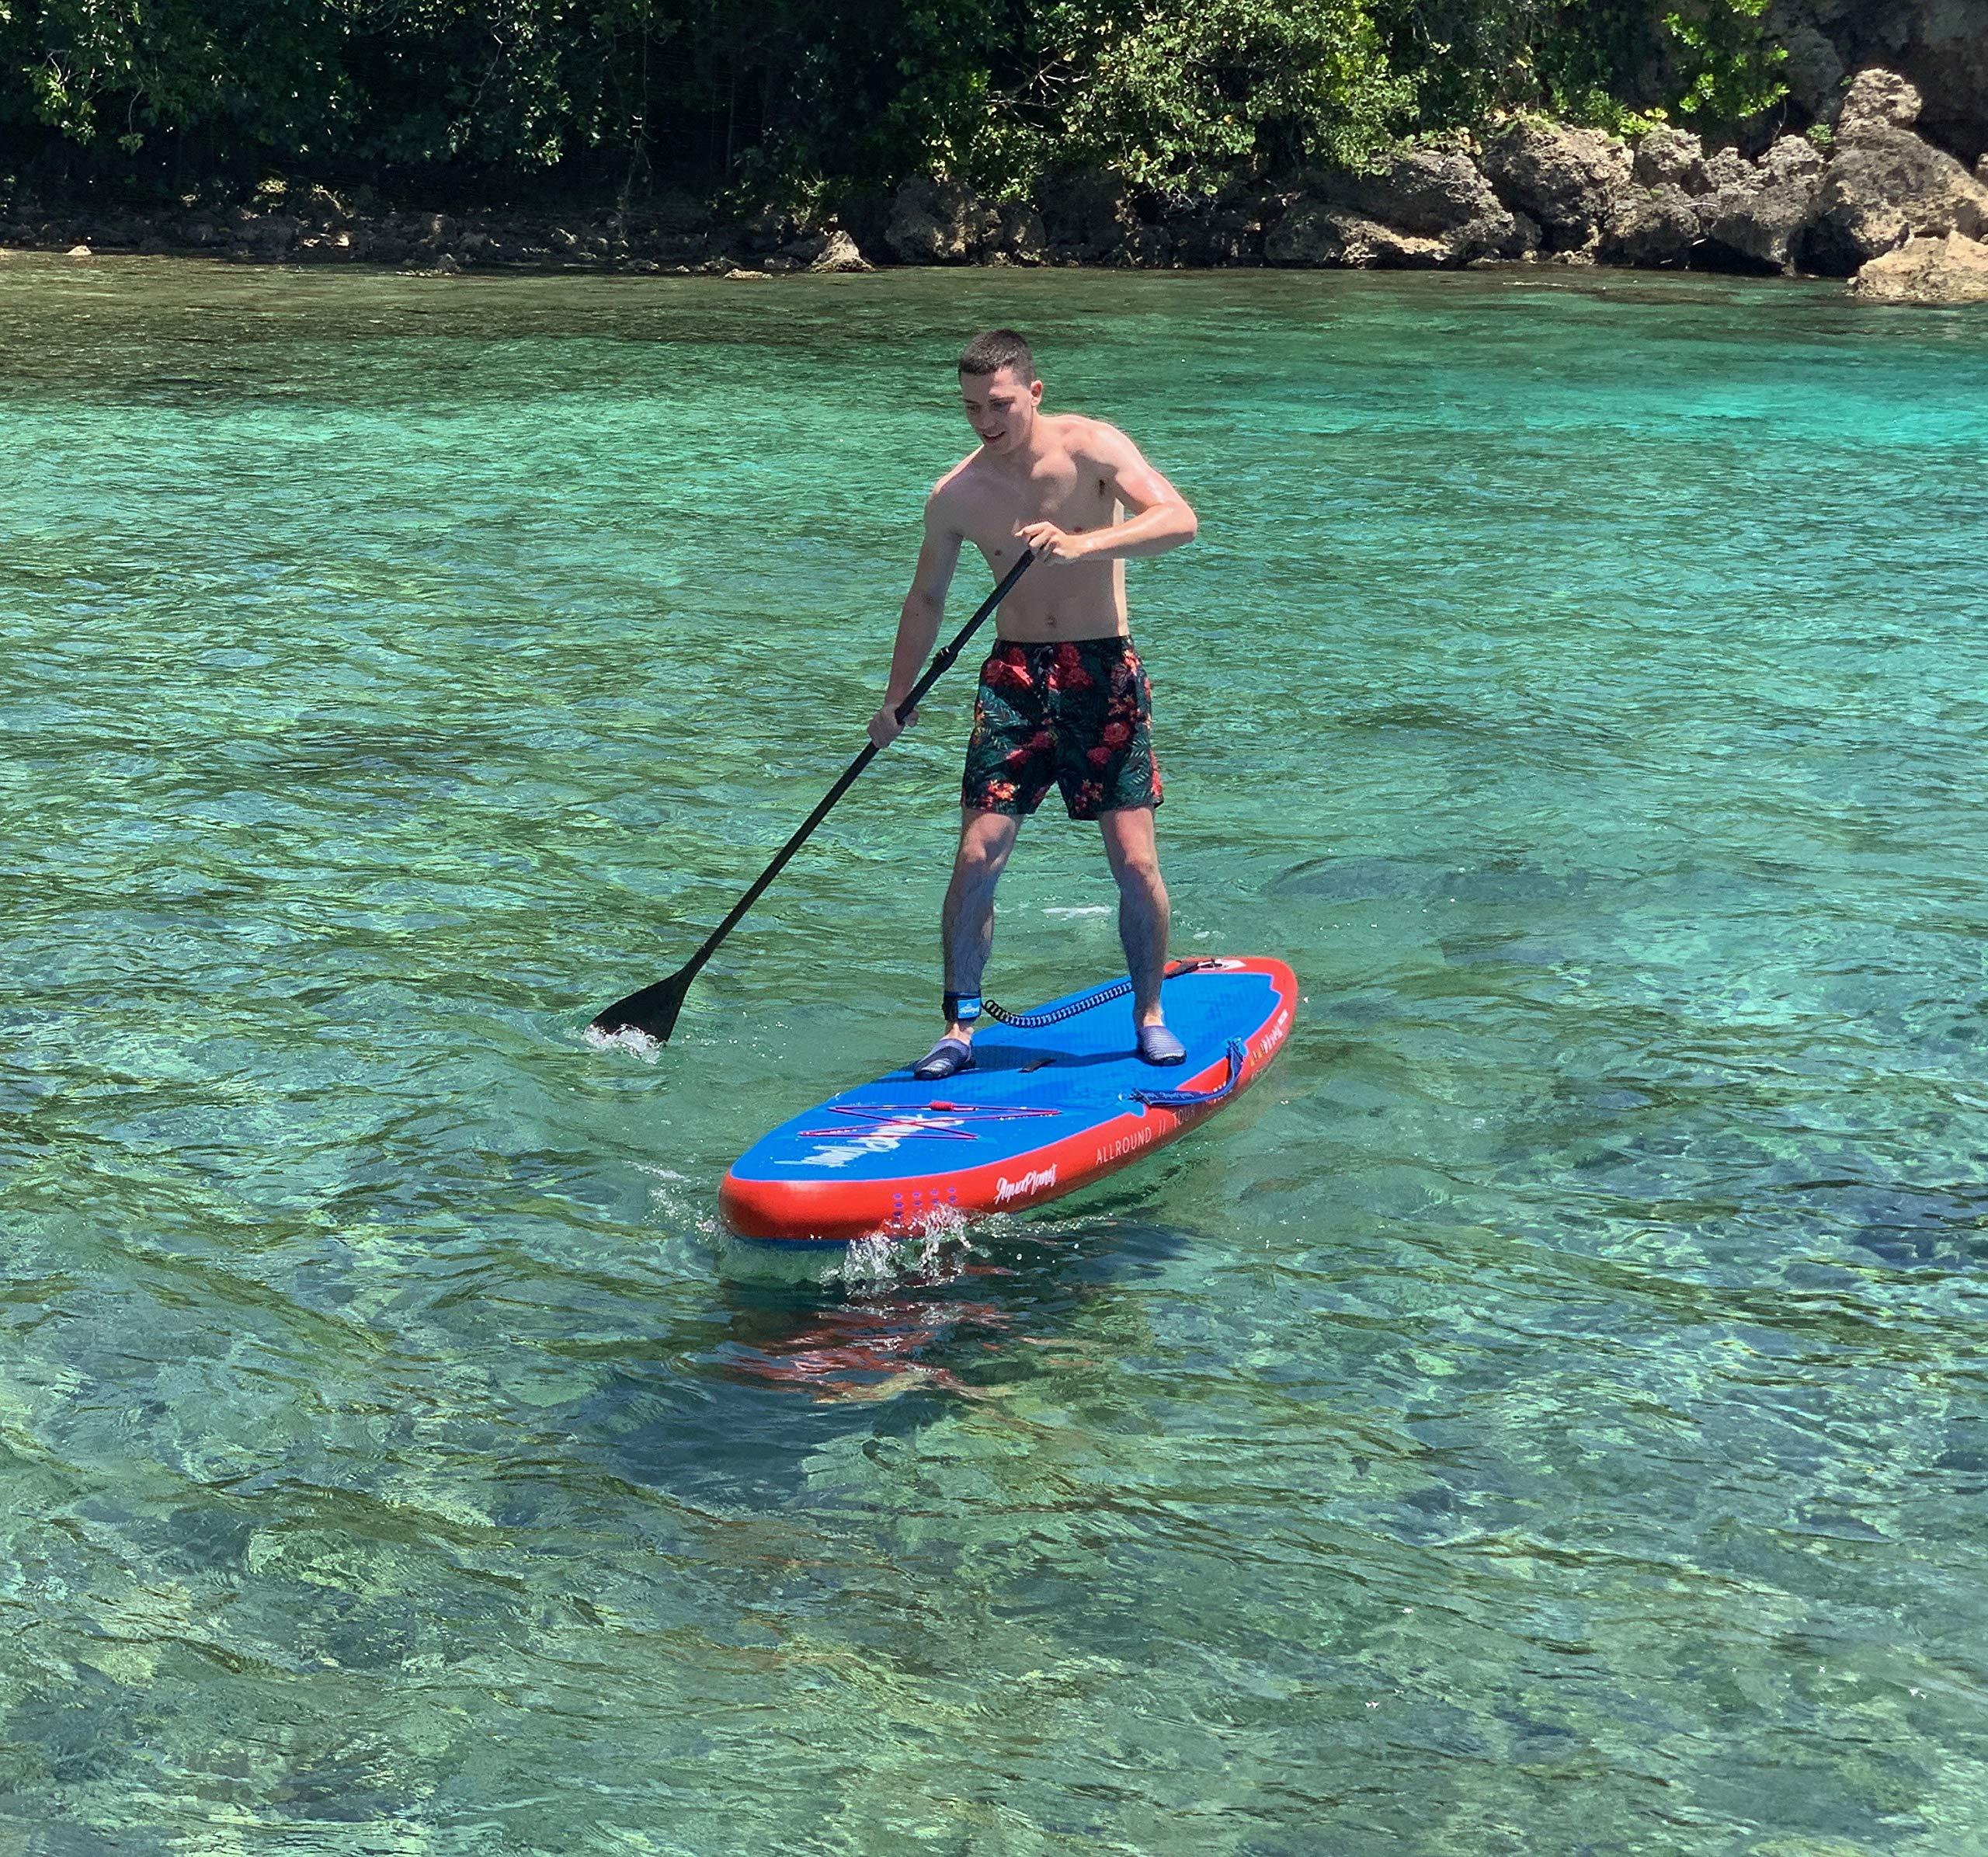 Air Pump with Pressure Gauge,Adjustable Aluminium Floating Paddle,Repair Kit,Heavy Duty Carry Rucksack /& Premium Leash /& 4 Kayak Seat Rings Beginner/'s Kit Aquaplanet 10ft Allround Paddle Board